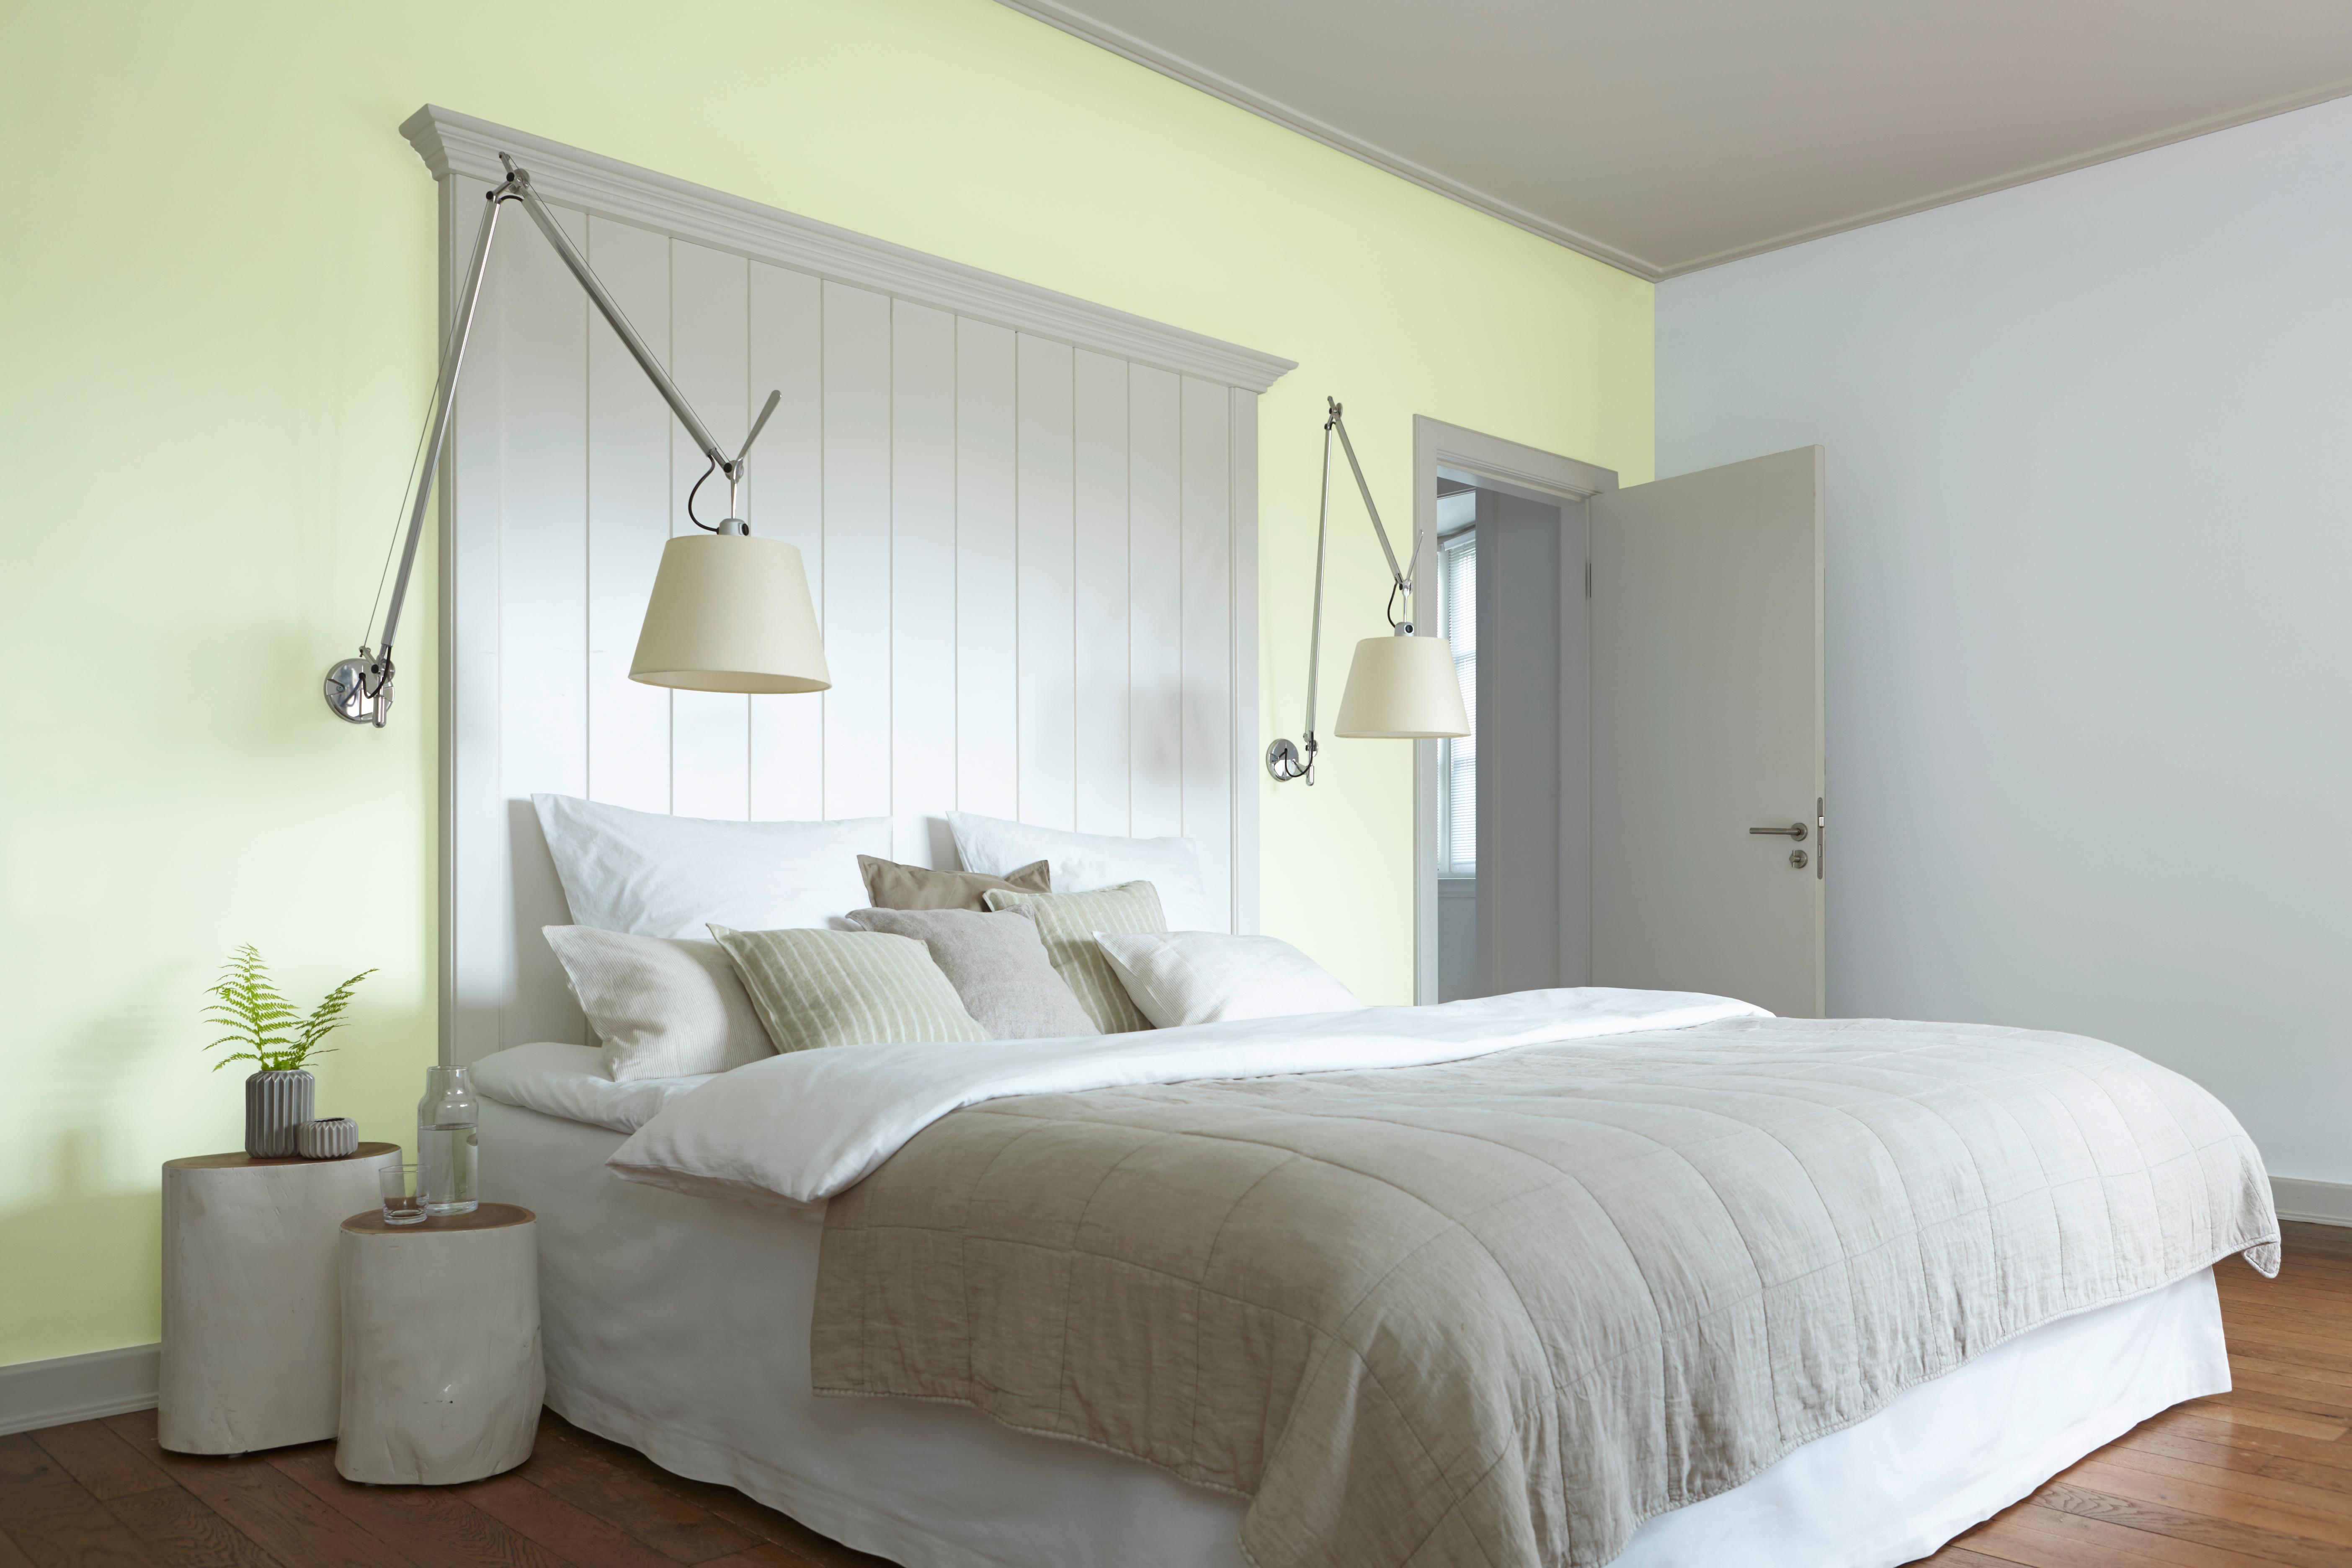 Ideen für die Gestaltung vom Schlafzimmer: Alpina Farbe & Einrichten